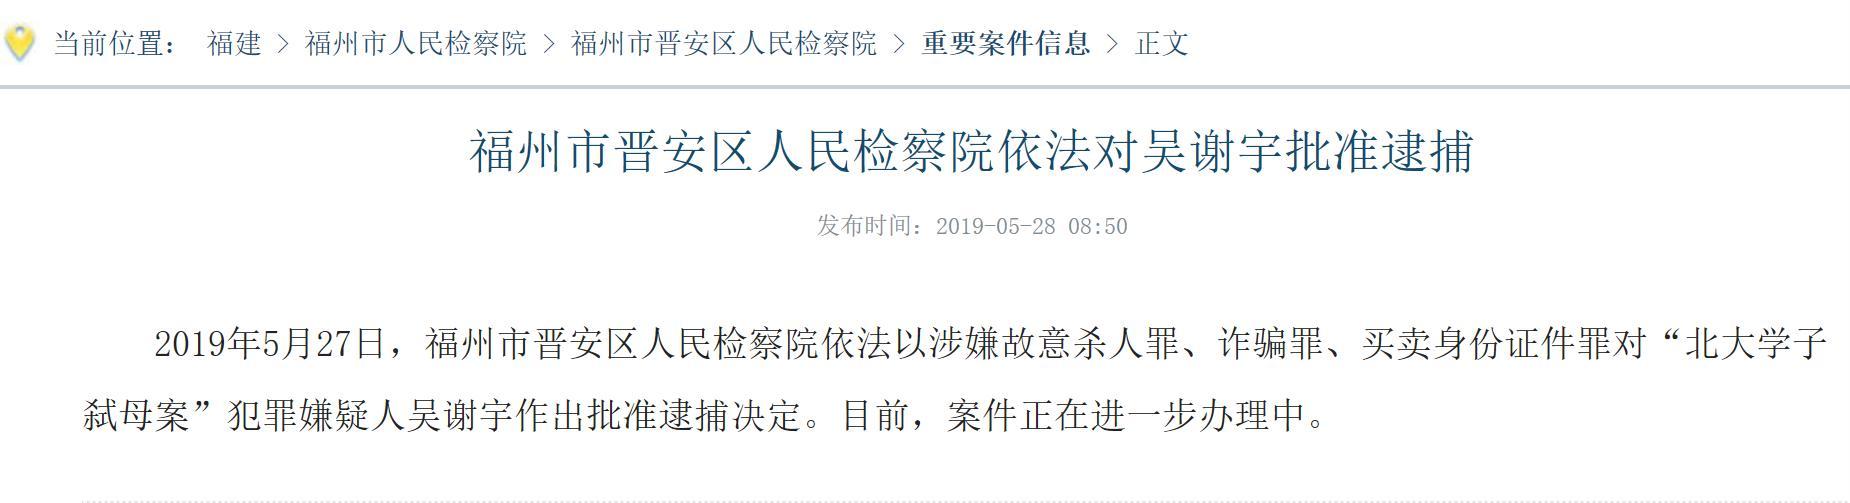 吴谢宇被批准逮捕,北大弑母案原因是什么,吴谢宇弑母案回顾